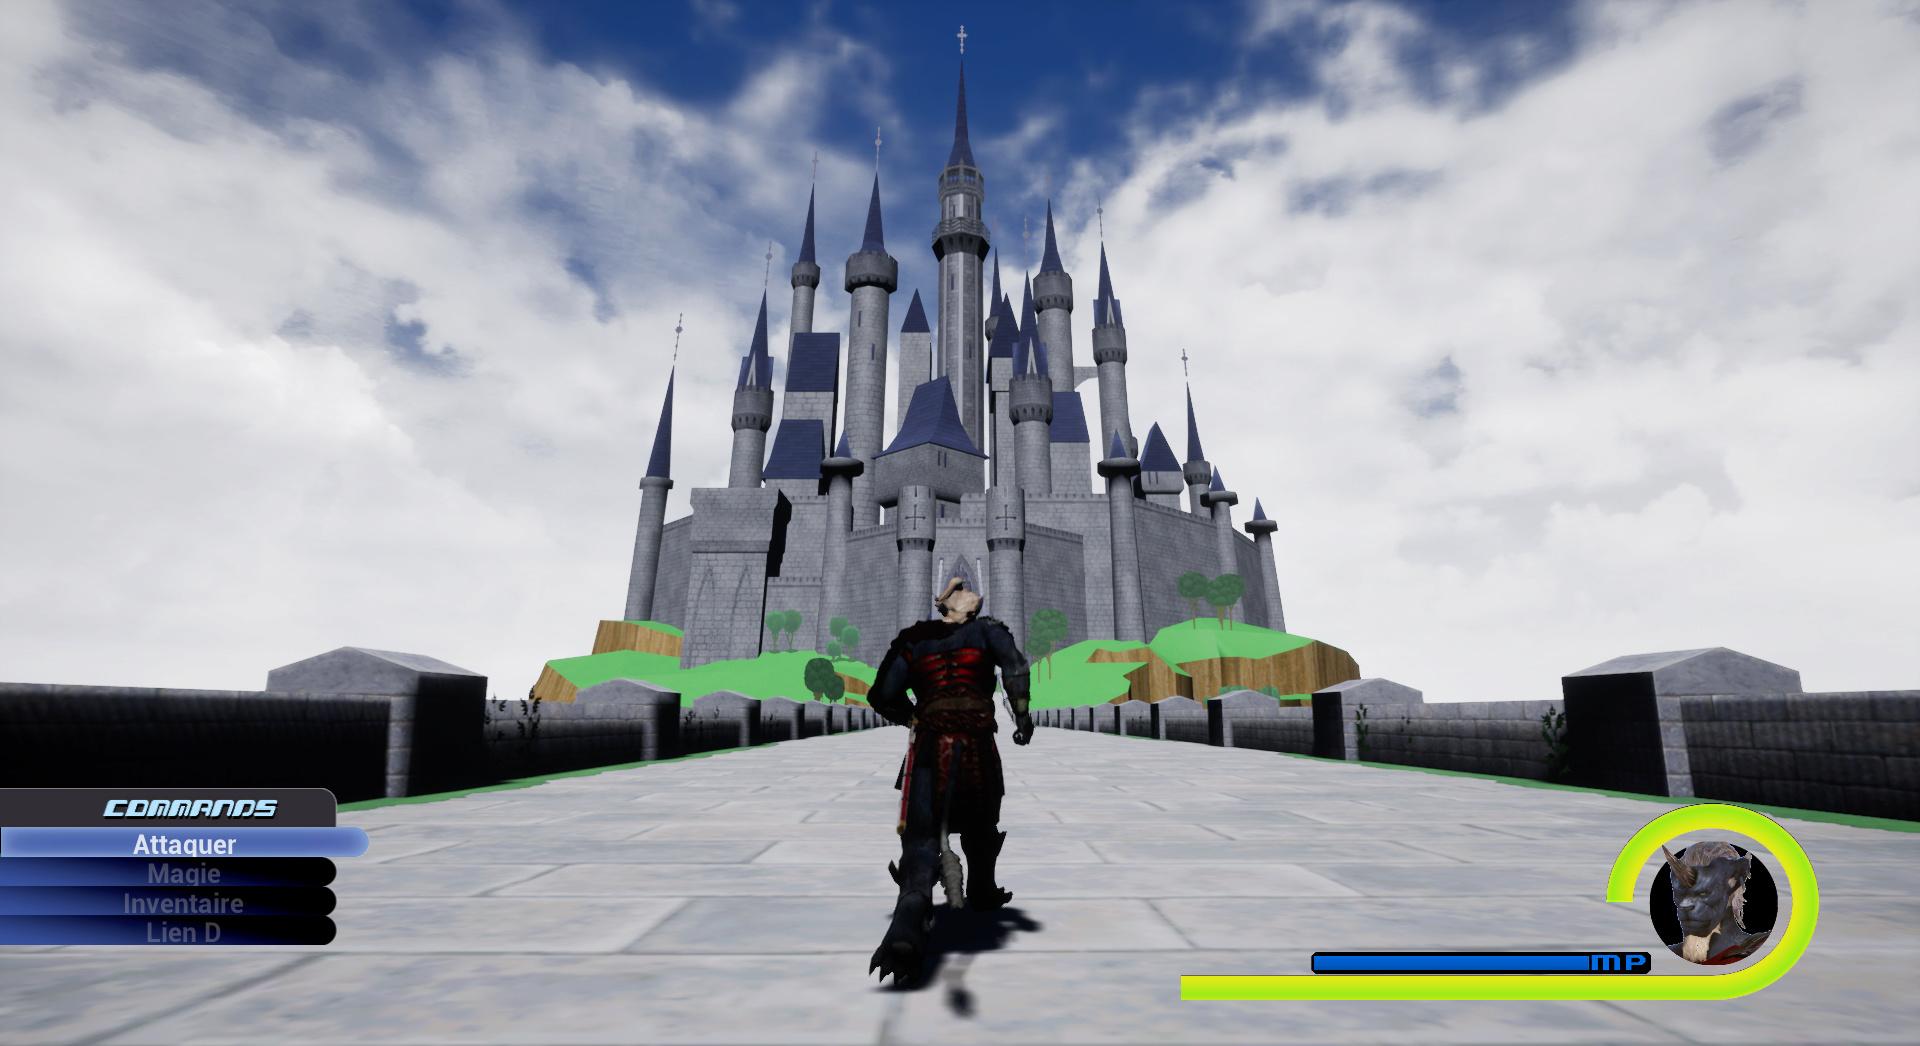 Sanctum : Le jeu vidéo & Projet Kanak Homesw10